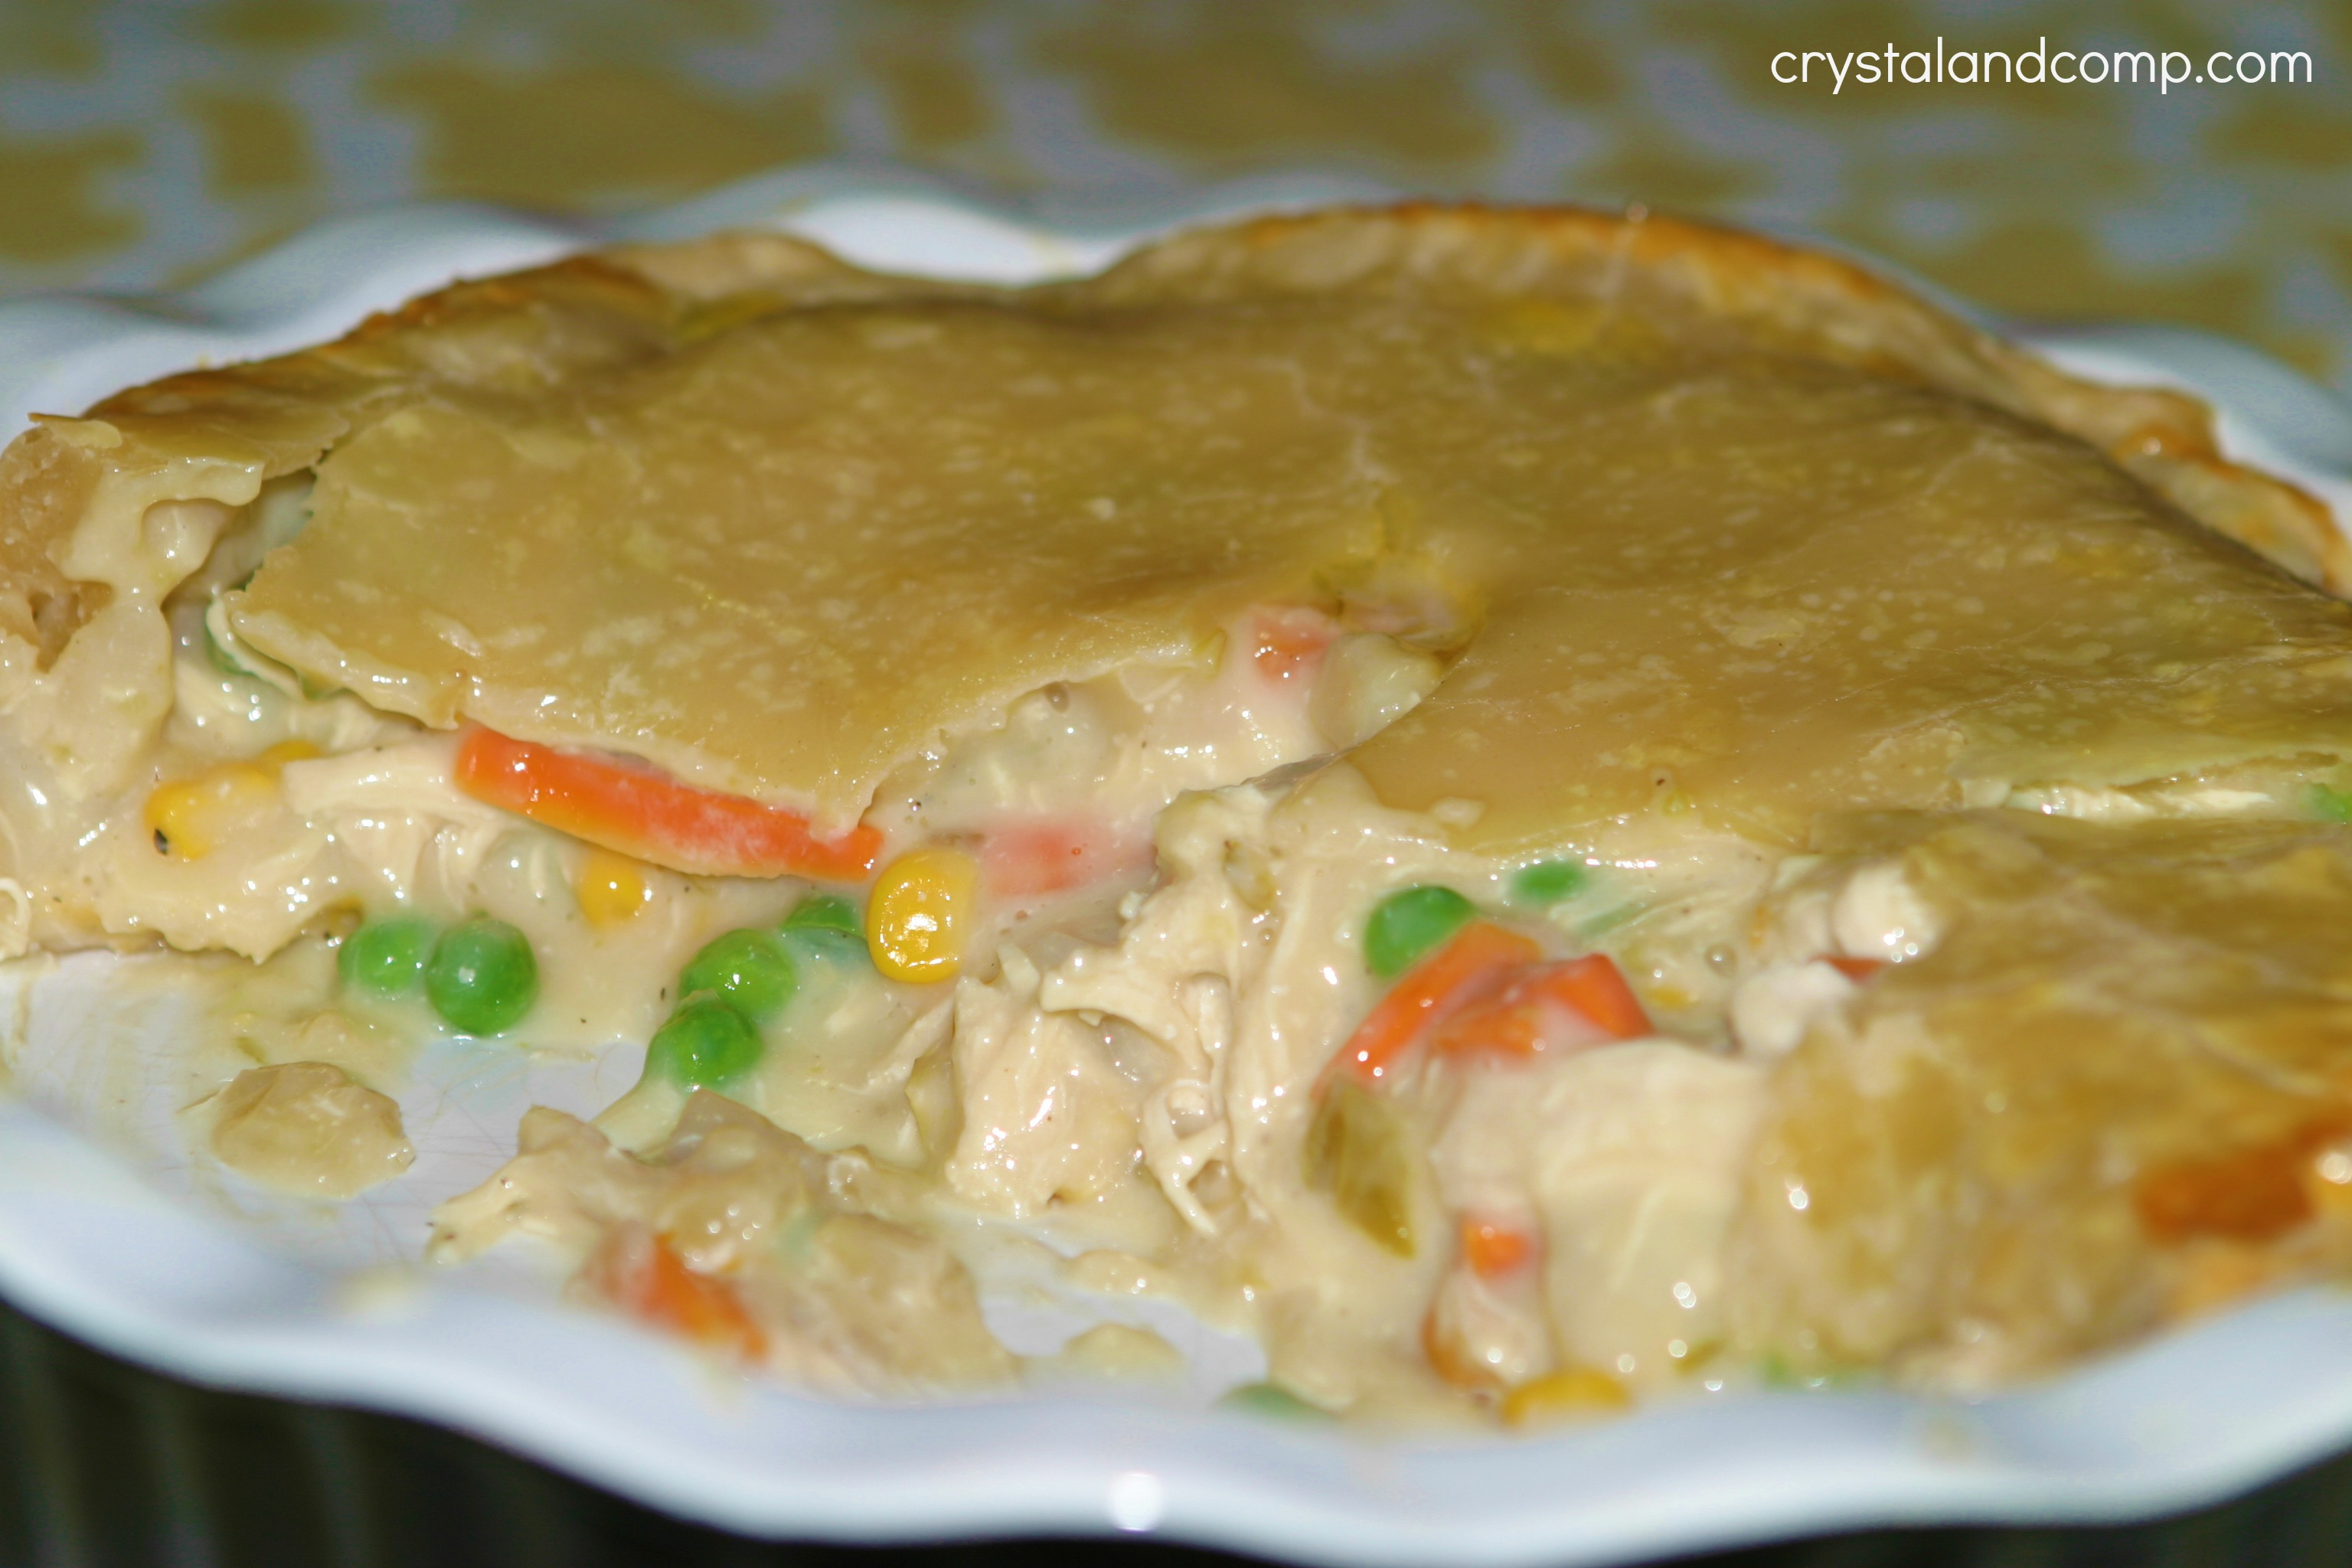 Easy Recipes: Chicken Pot Pie | CrystalandComp.com